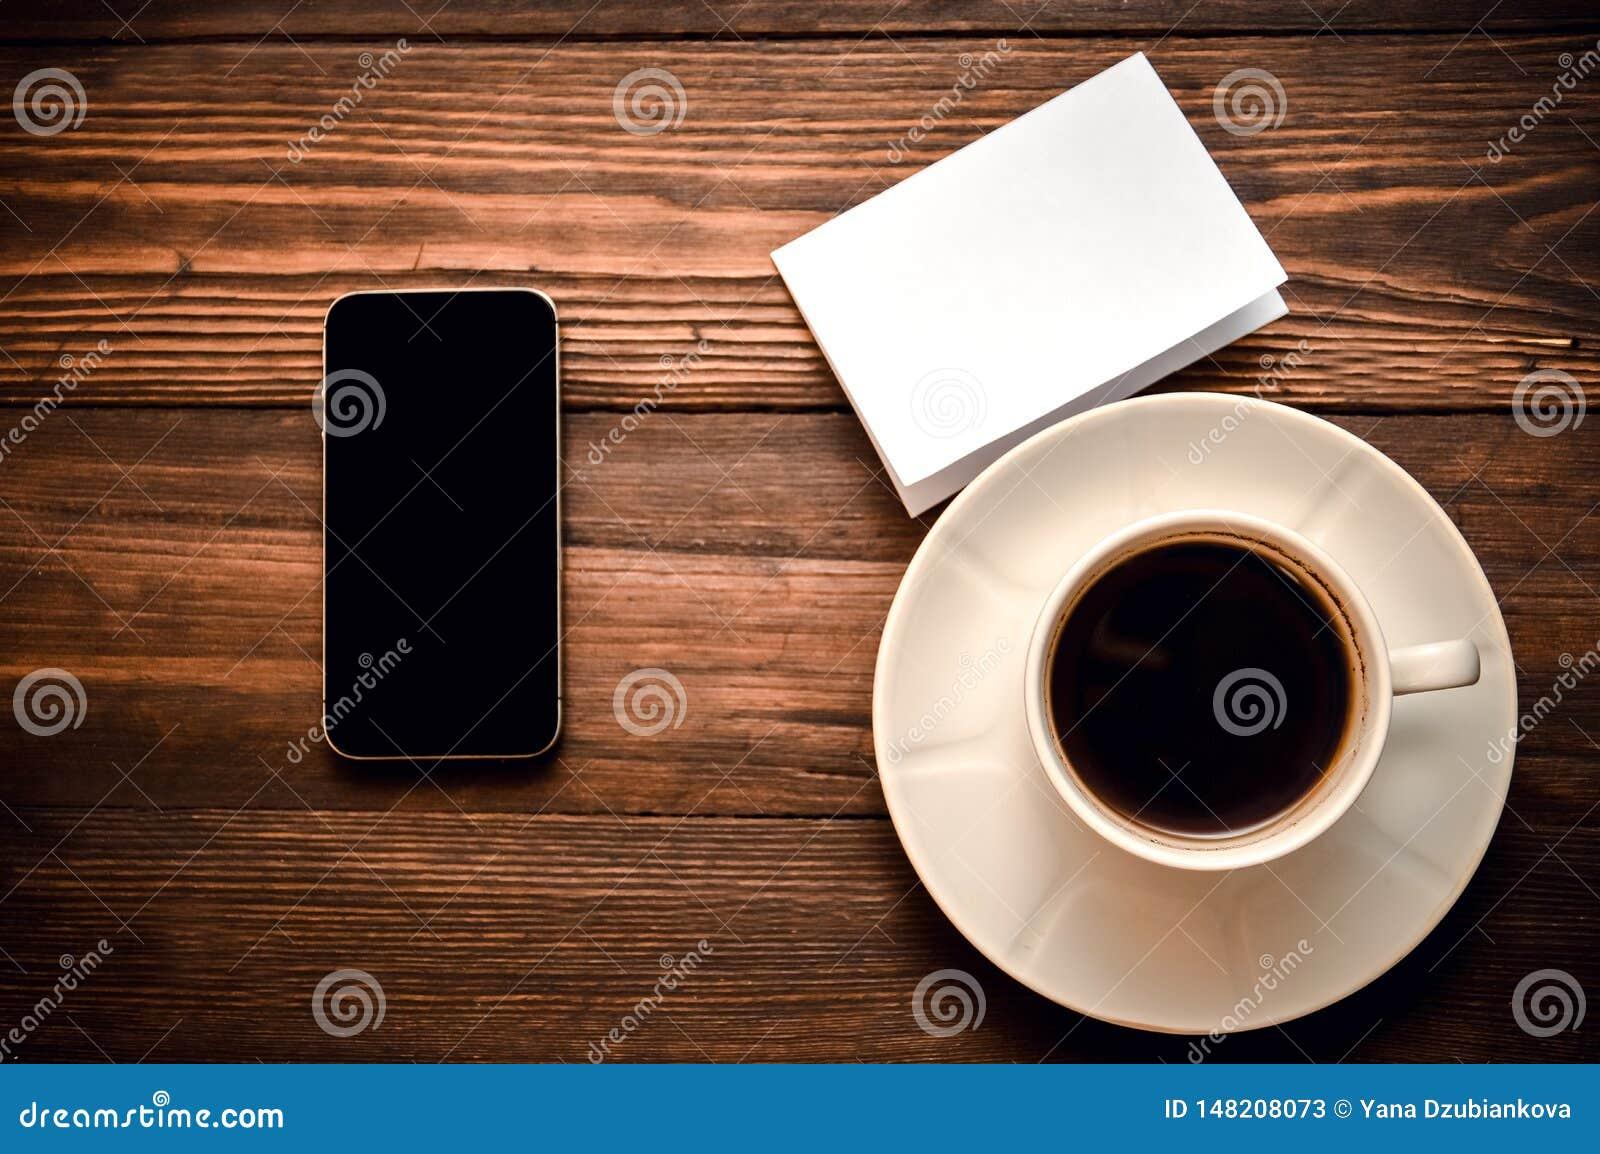 Το τηλέφωνο με ένα φλιτζάνι του καφέ και τη Λευκή Βίβλο βρίσκεται σε ένα ξύλινο υπόβαθρο